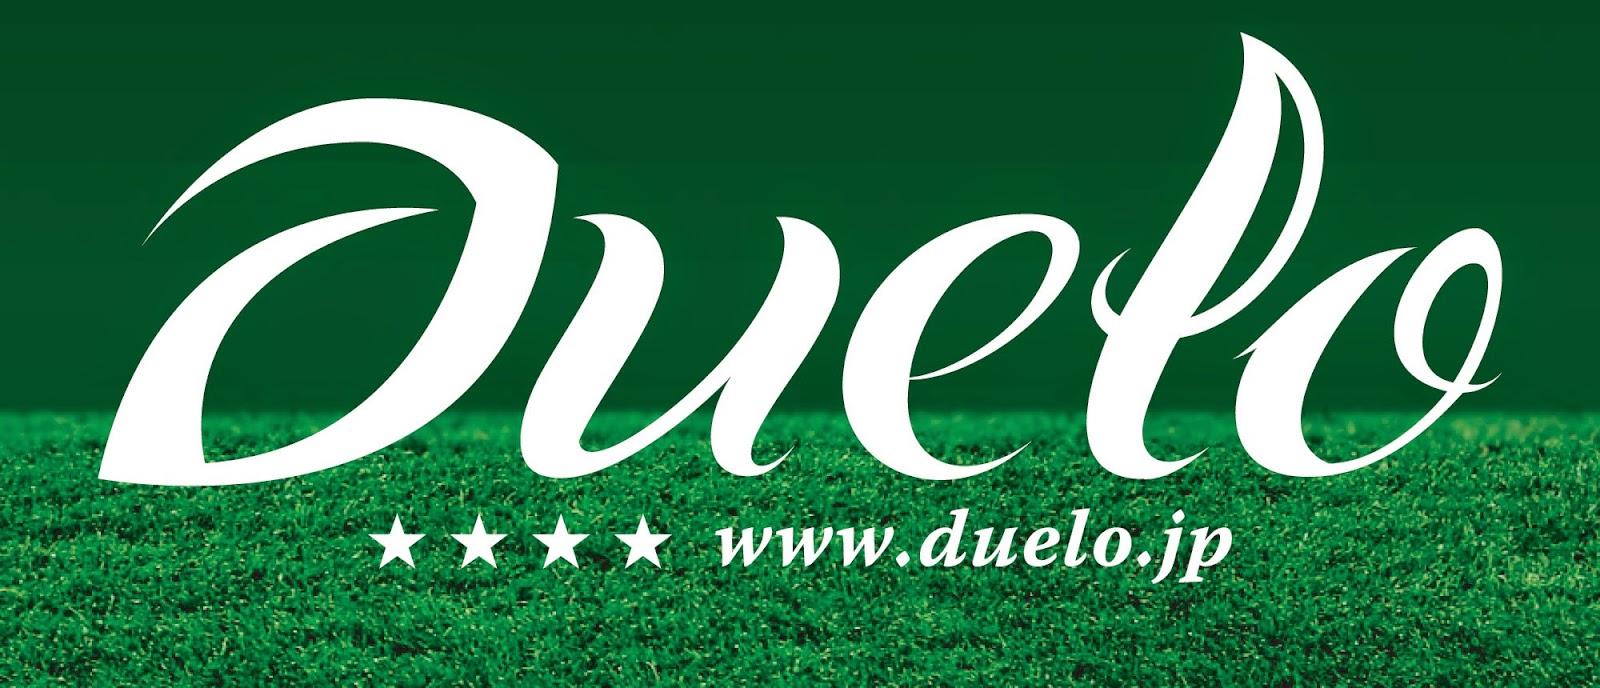 http://www.duelo.jp/